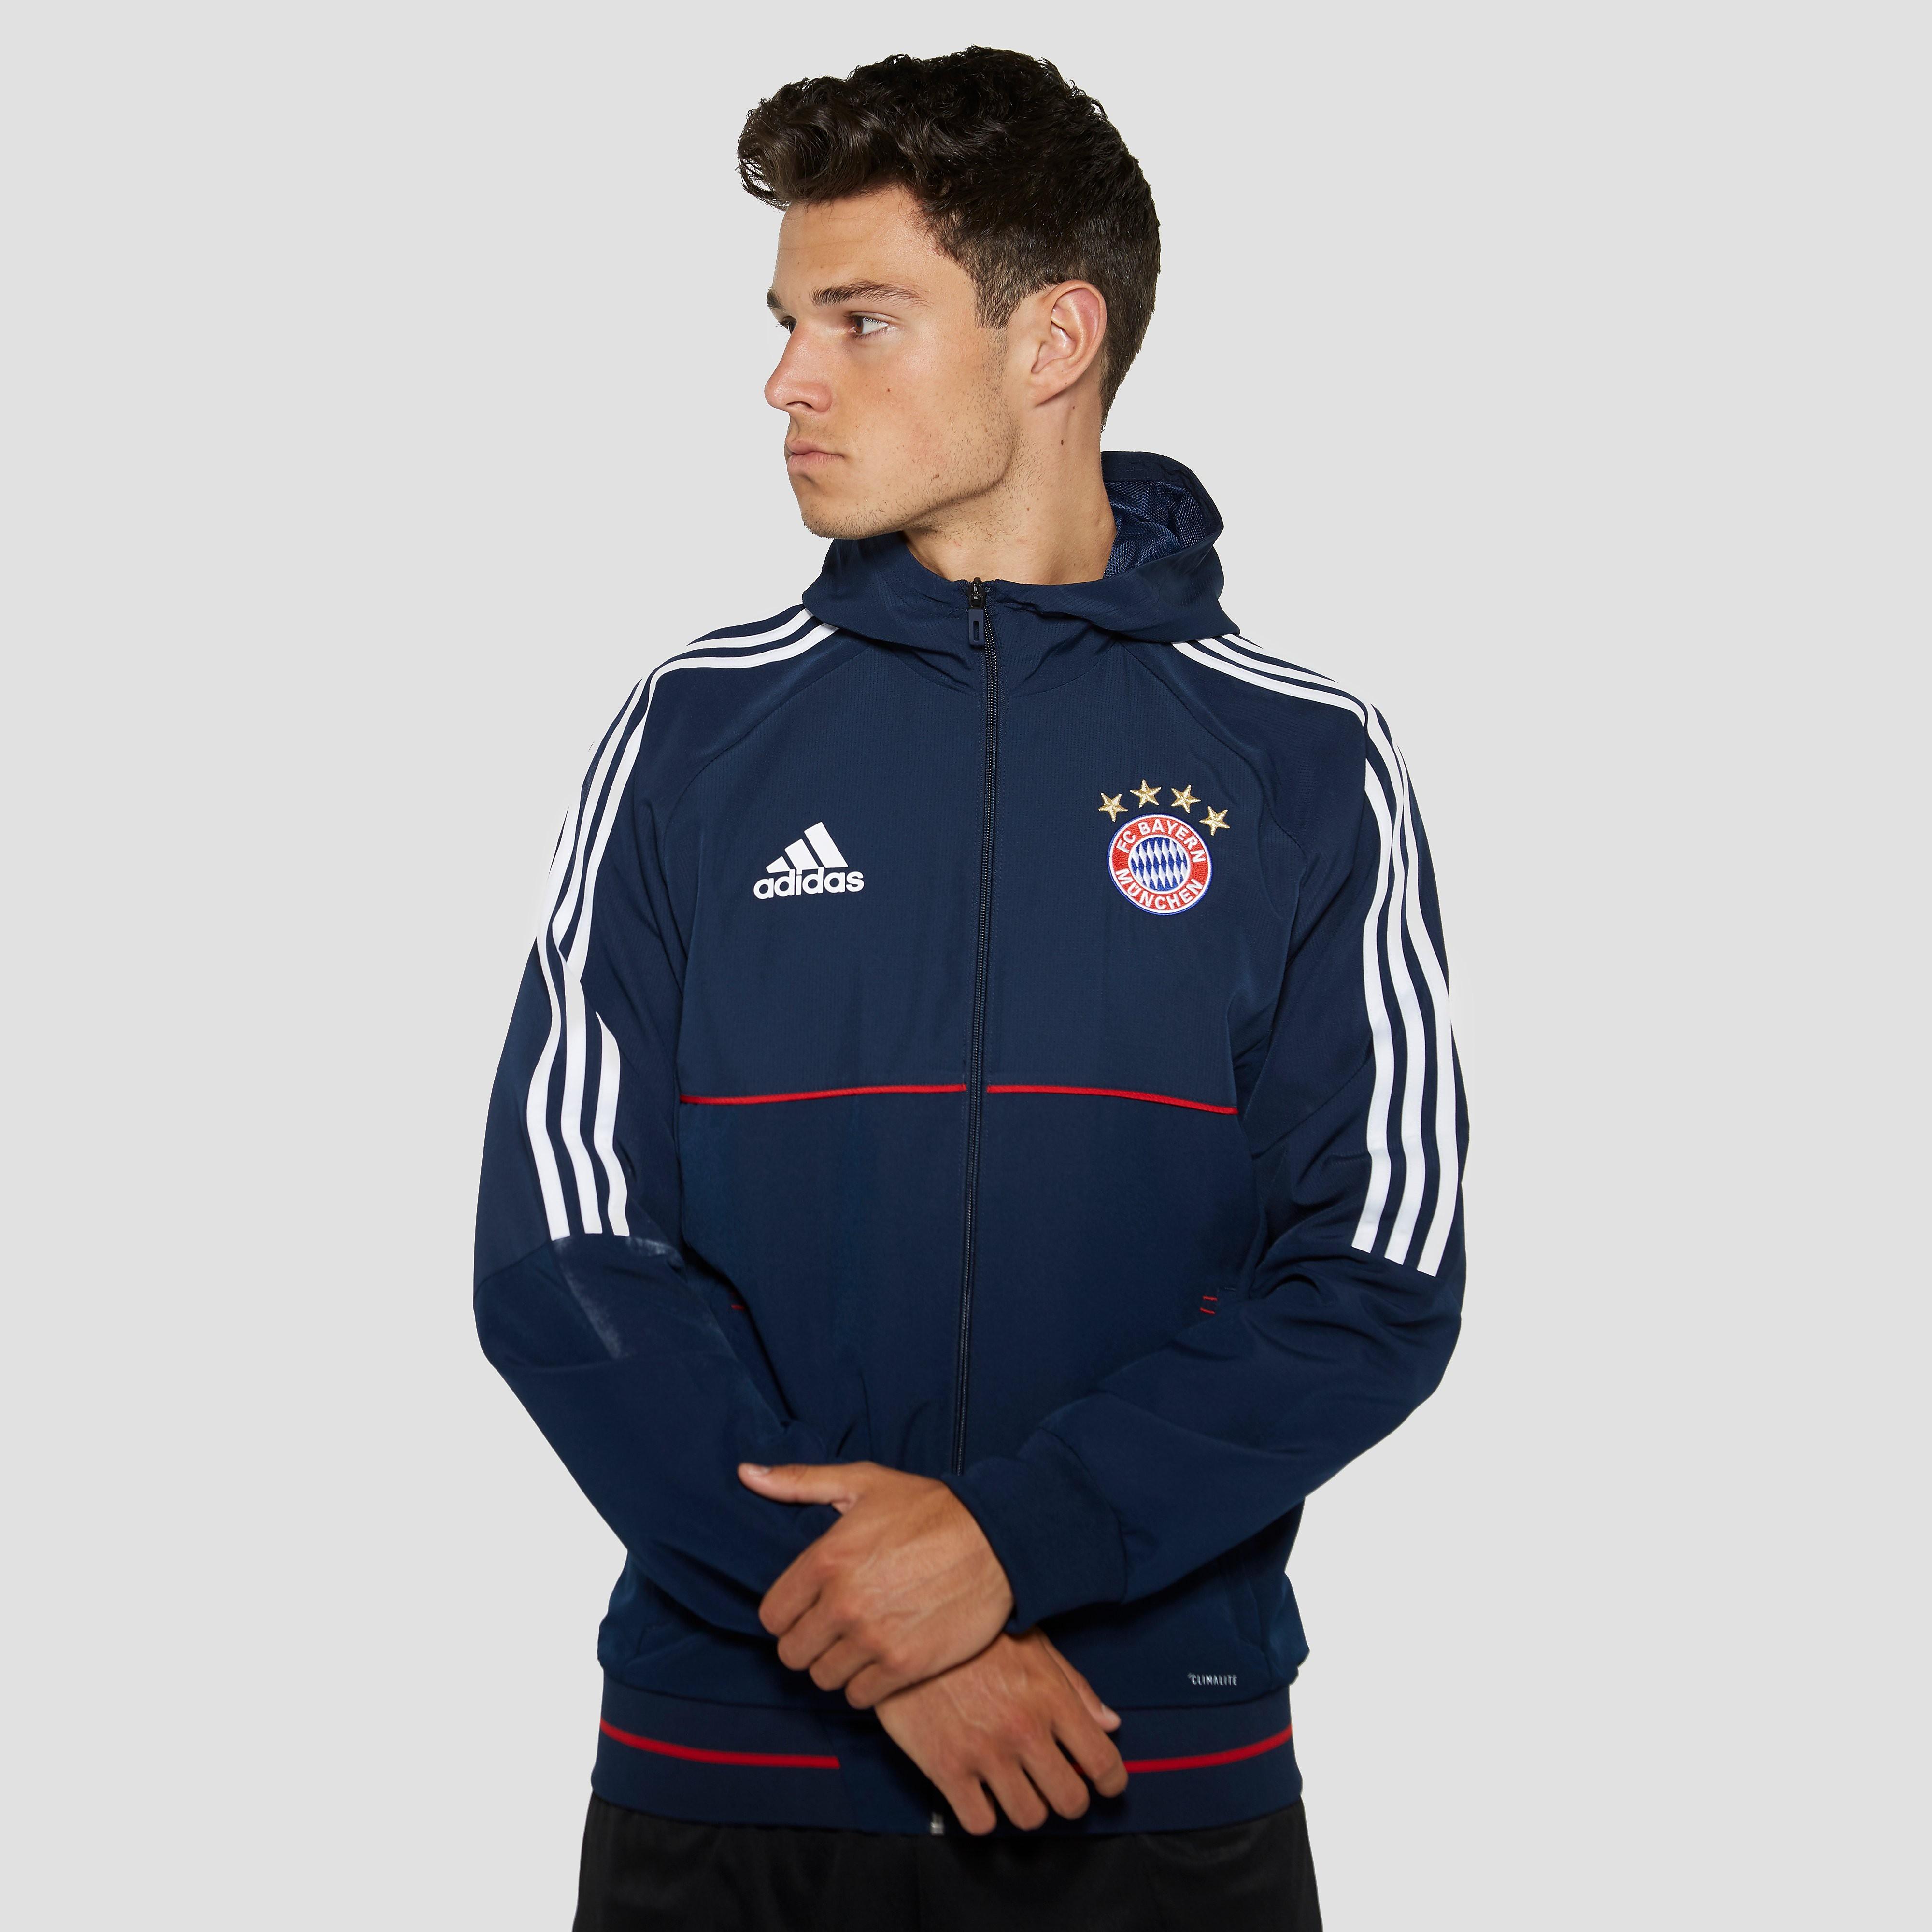 ADIDAS FC BAYERN MÜNCHEN PRESENTATIEJAS 17/18 BLAUW/ROOD HEREN